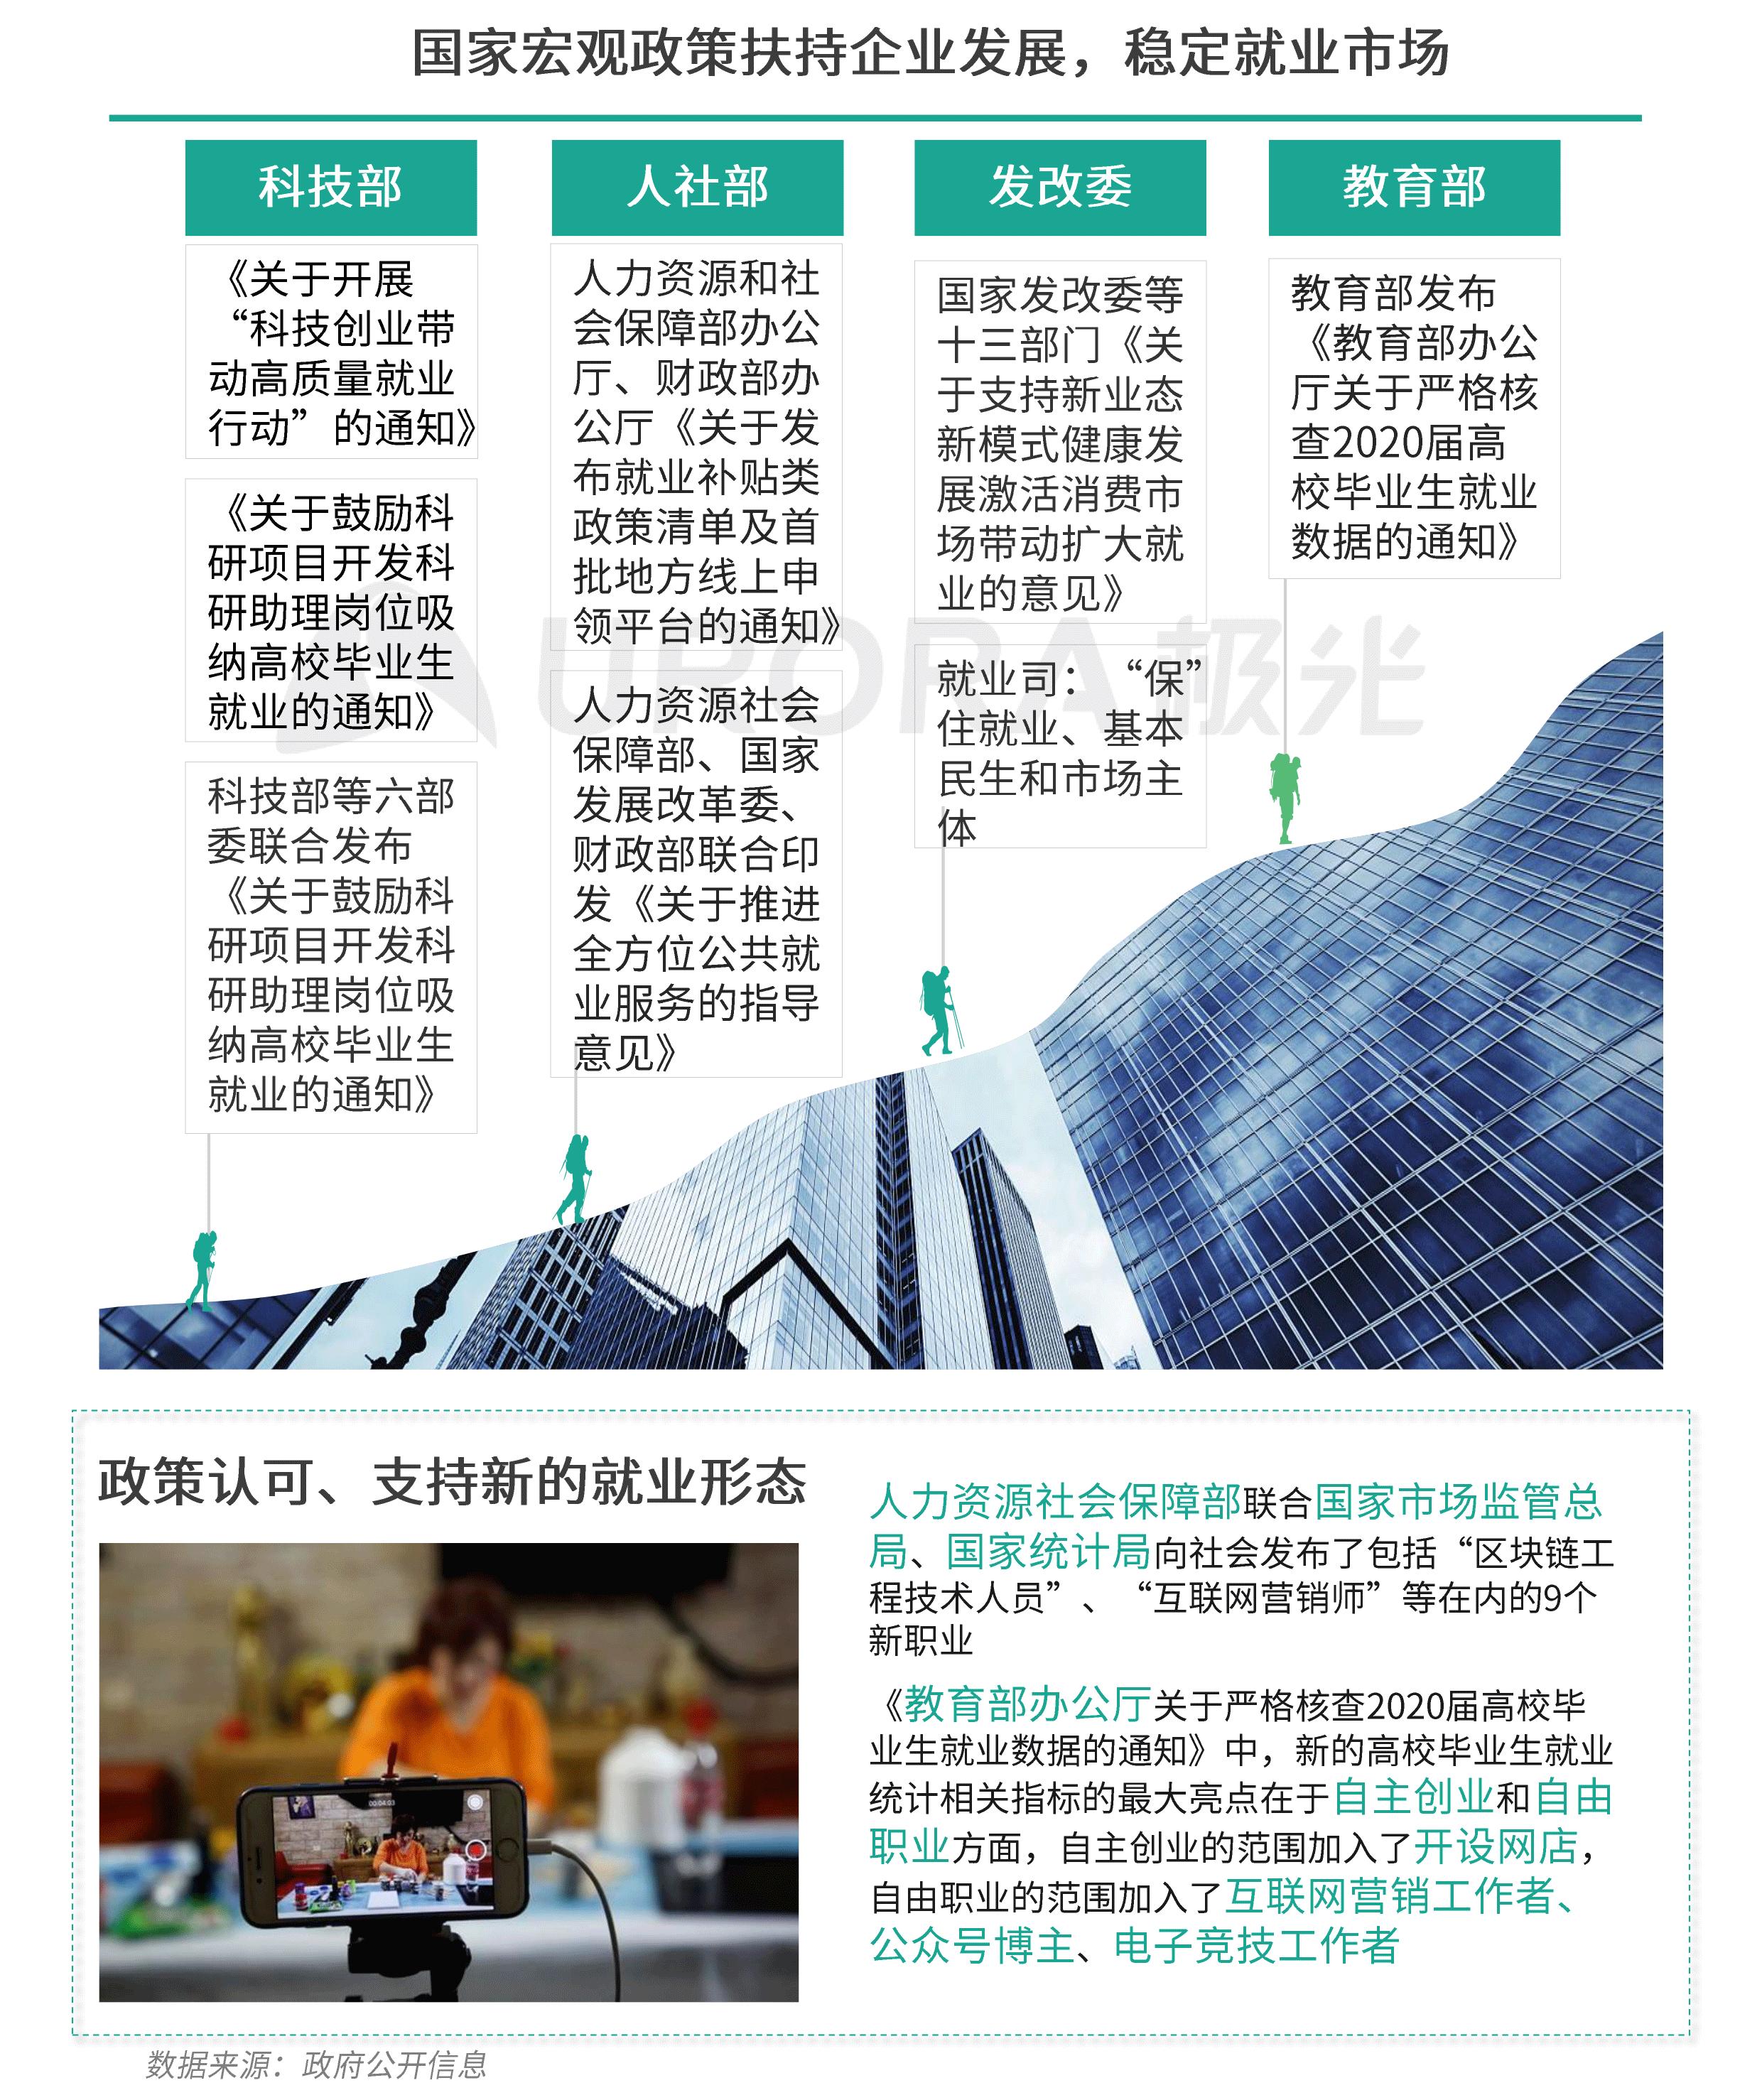 """""""超职季""""招聘行业报告-企业篇(1)切图-4.png"""